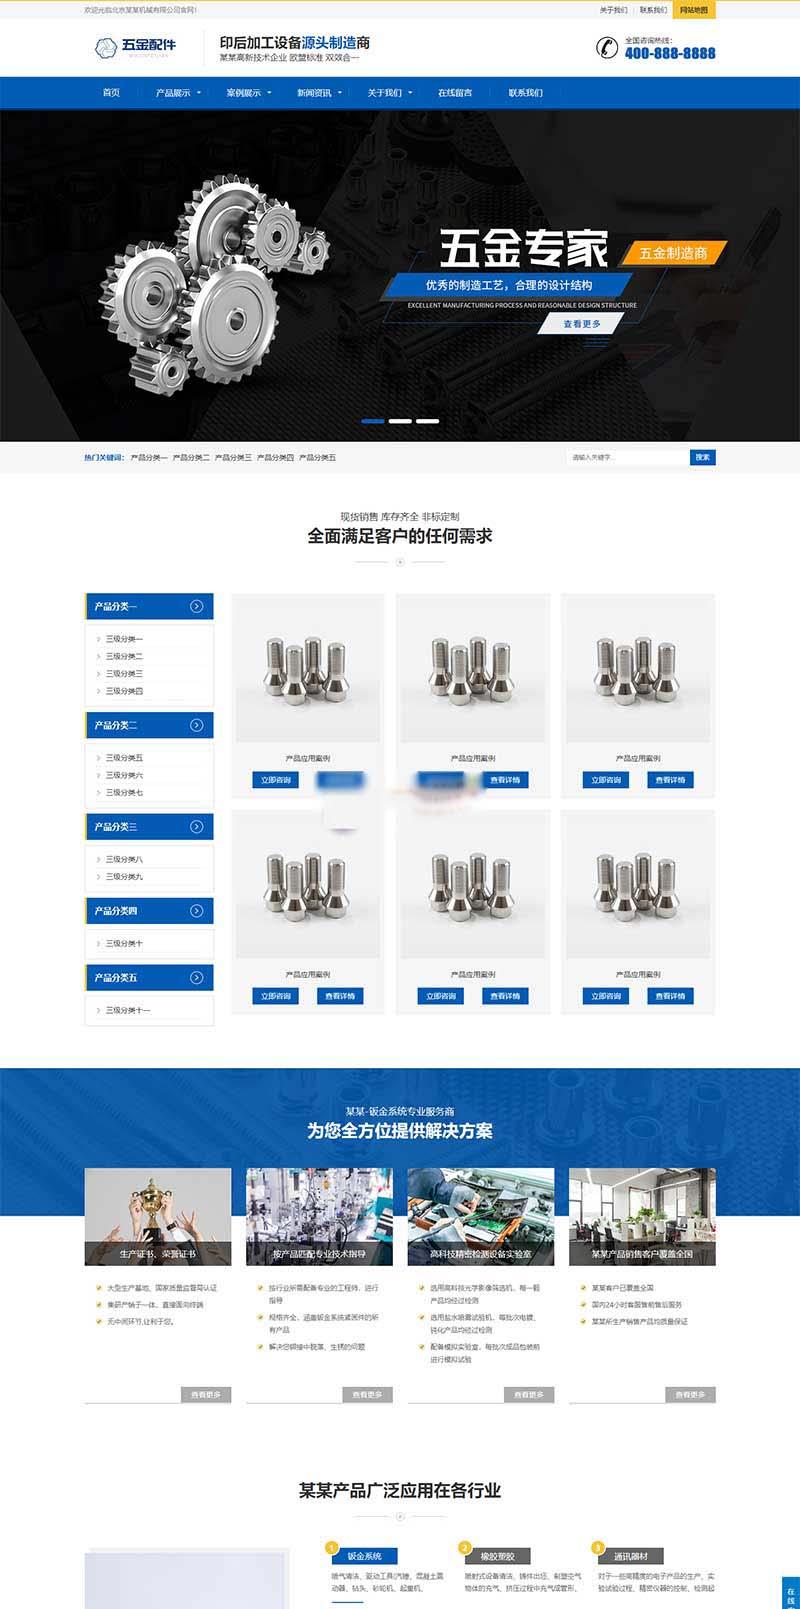 织梦模板:响应式五金紧固件机械设备/五金配件加工设备网站源码-图1